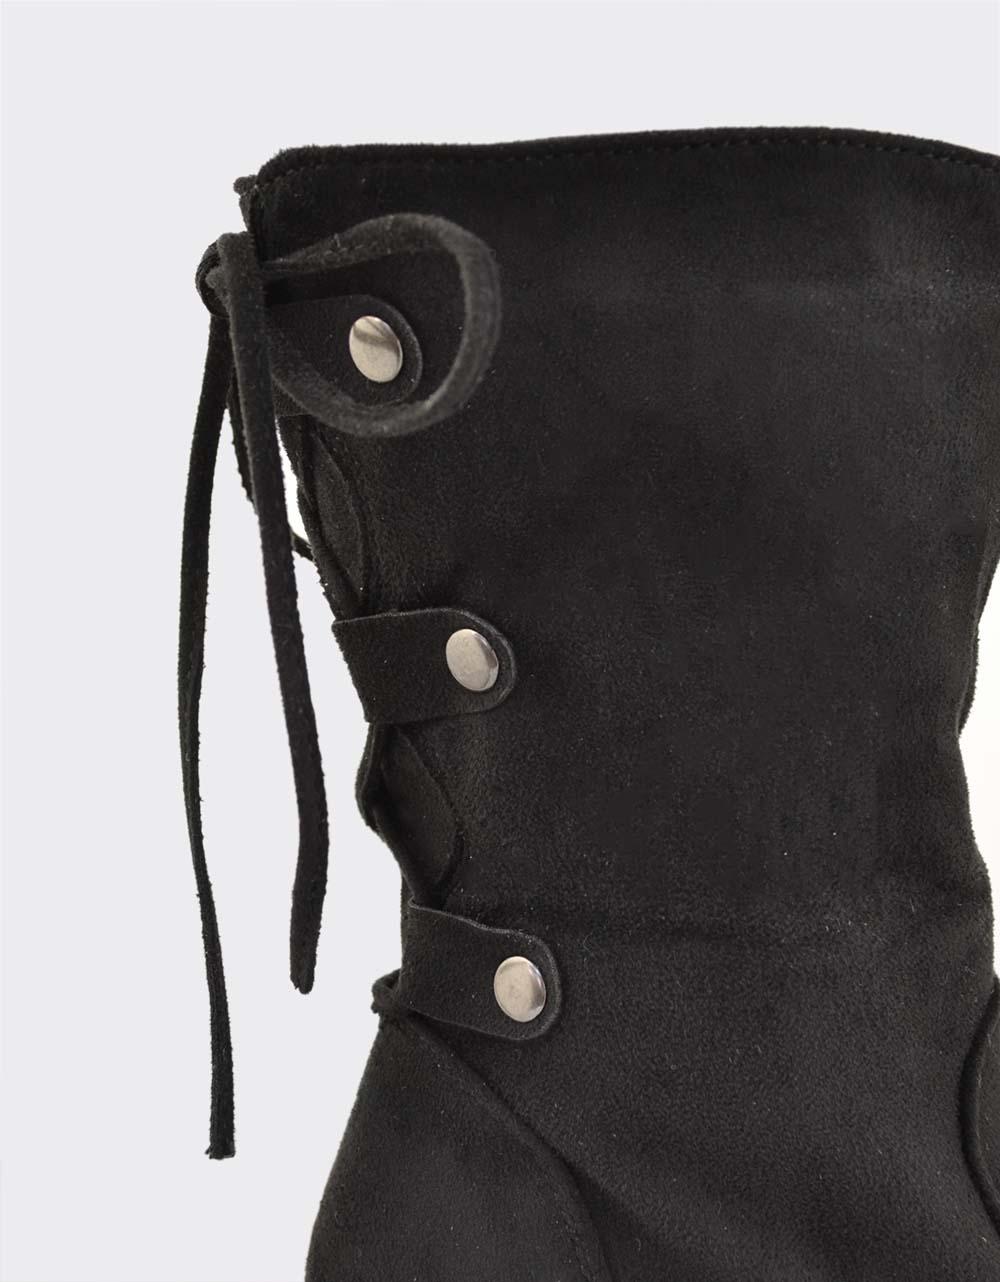 Εικόνα από Γυναικεία μποτάκια με διακοσμητικά κορδόνια Μαύρο